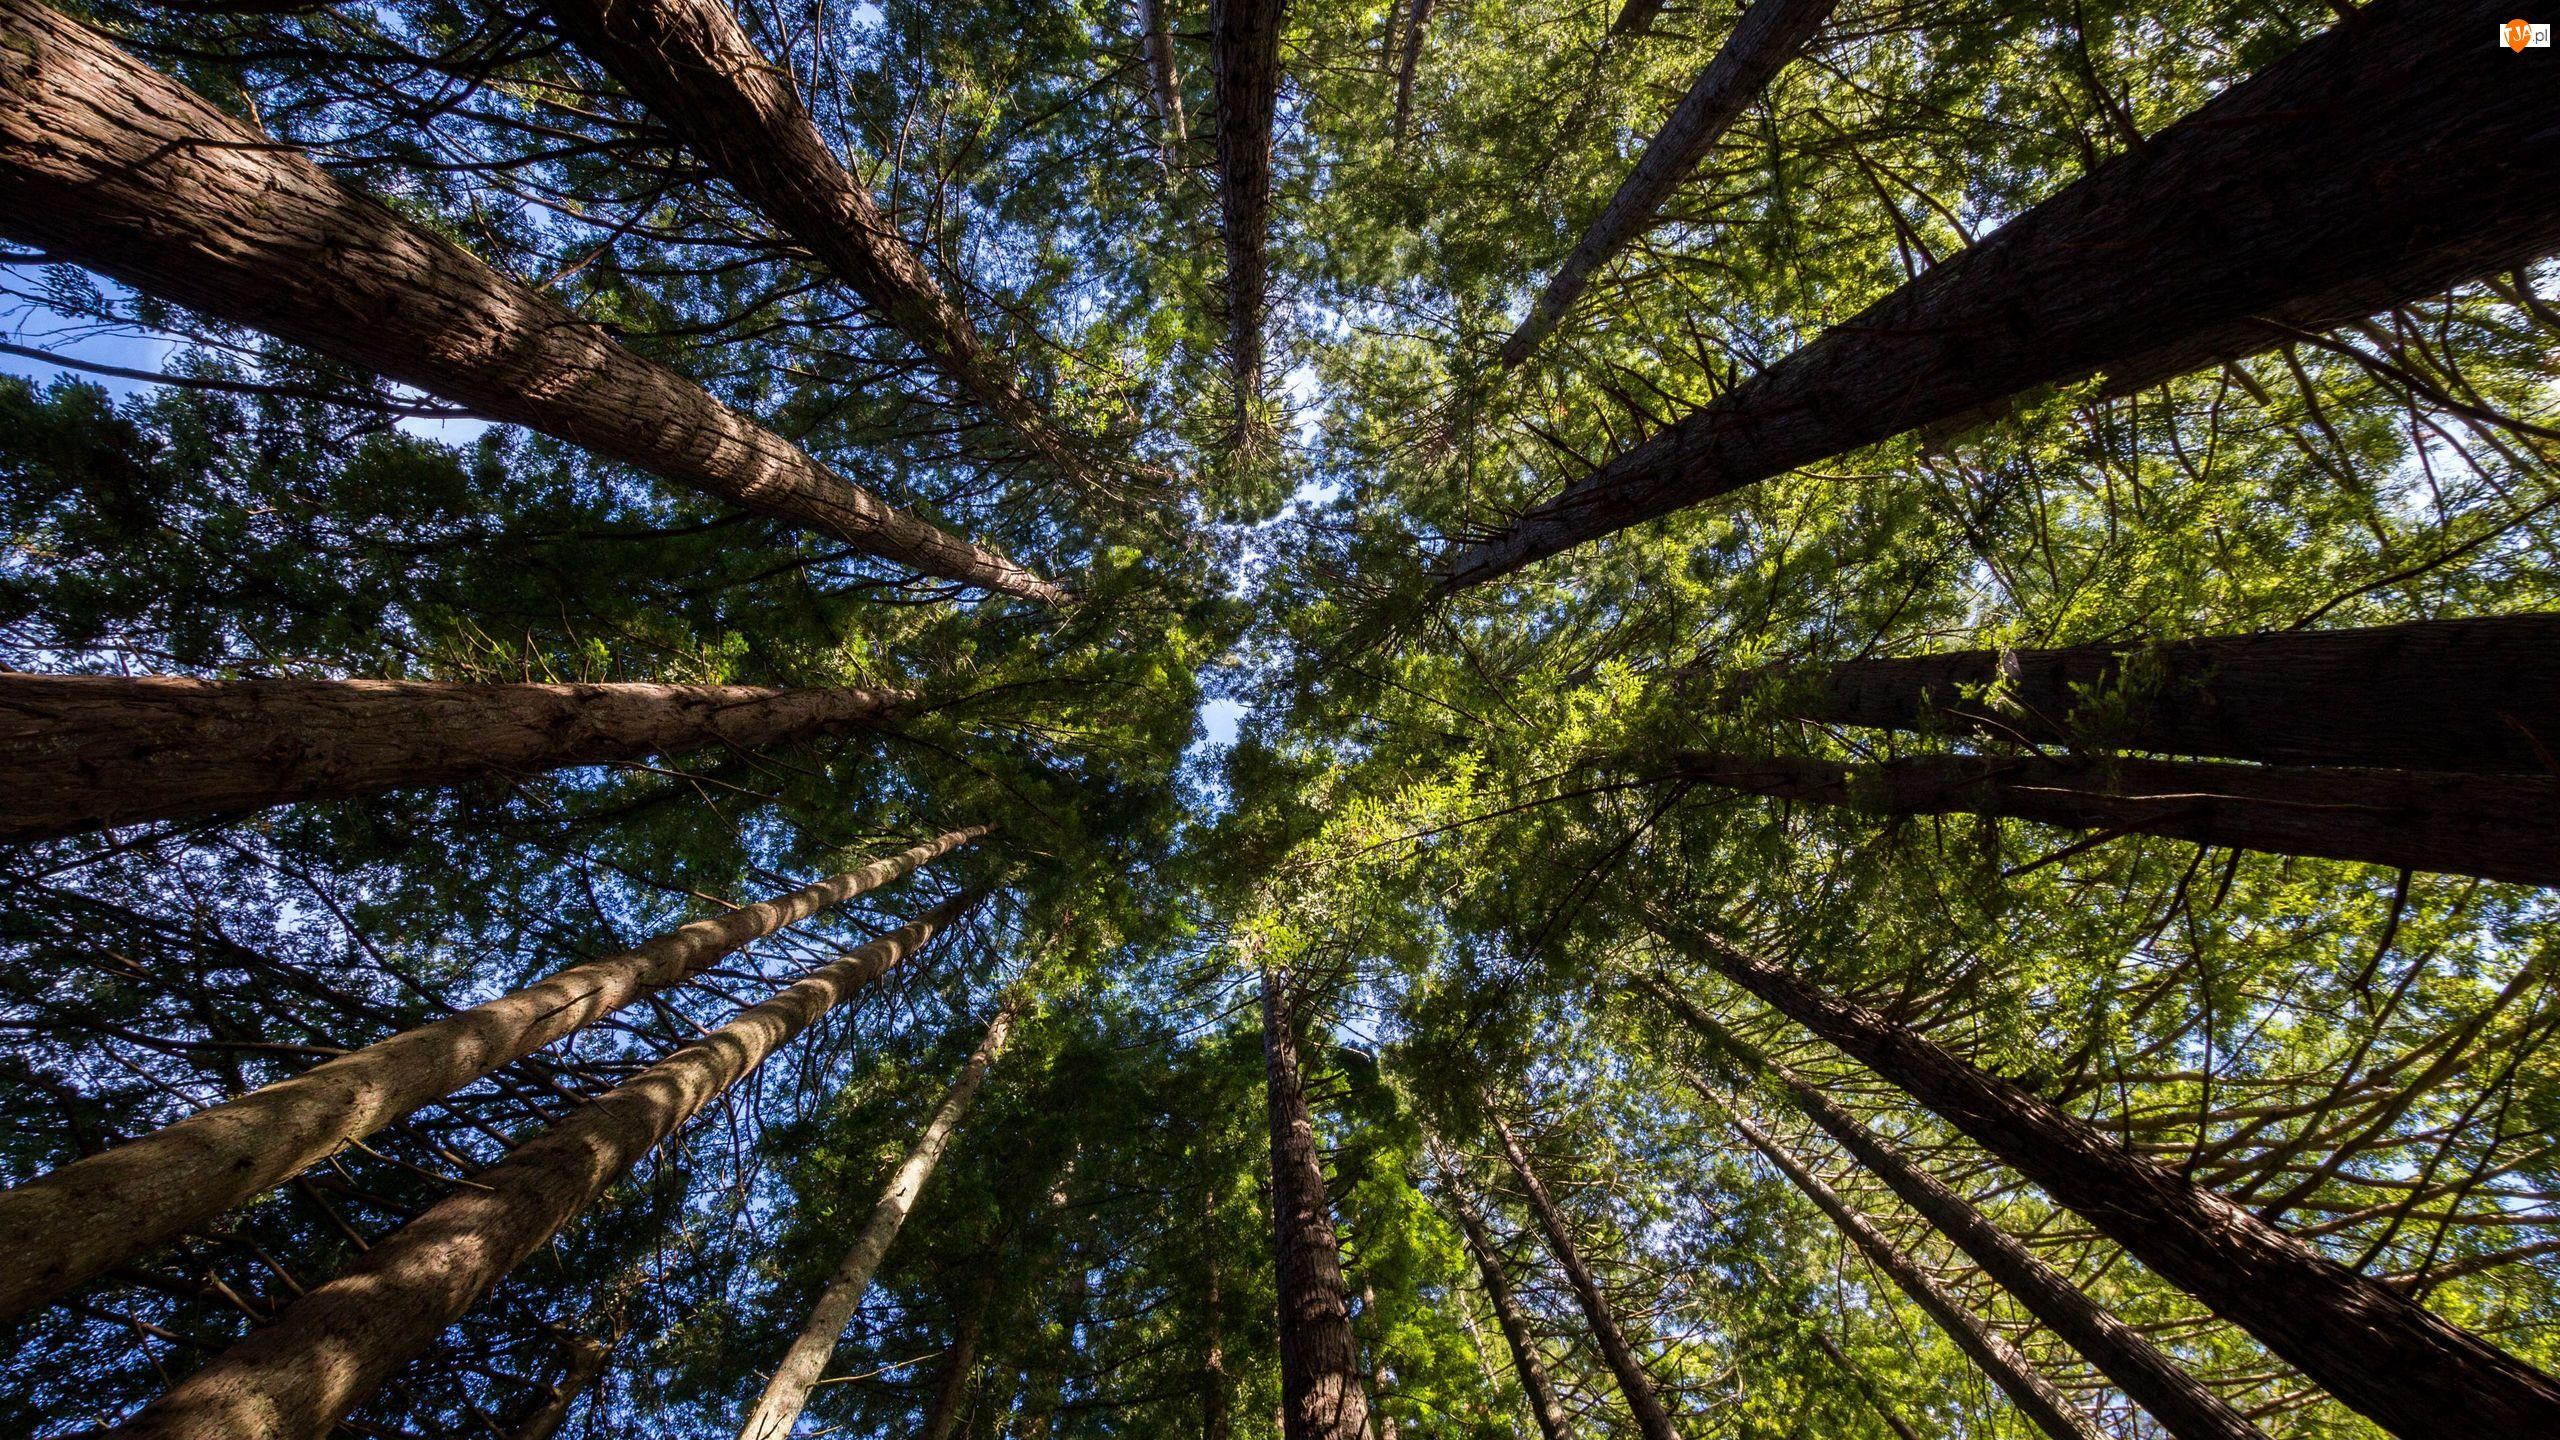 Wierzchołki, Zielone, Drzewa